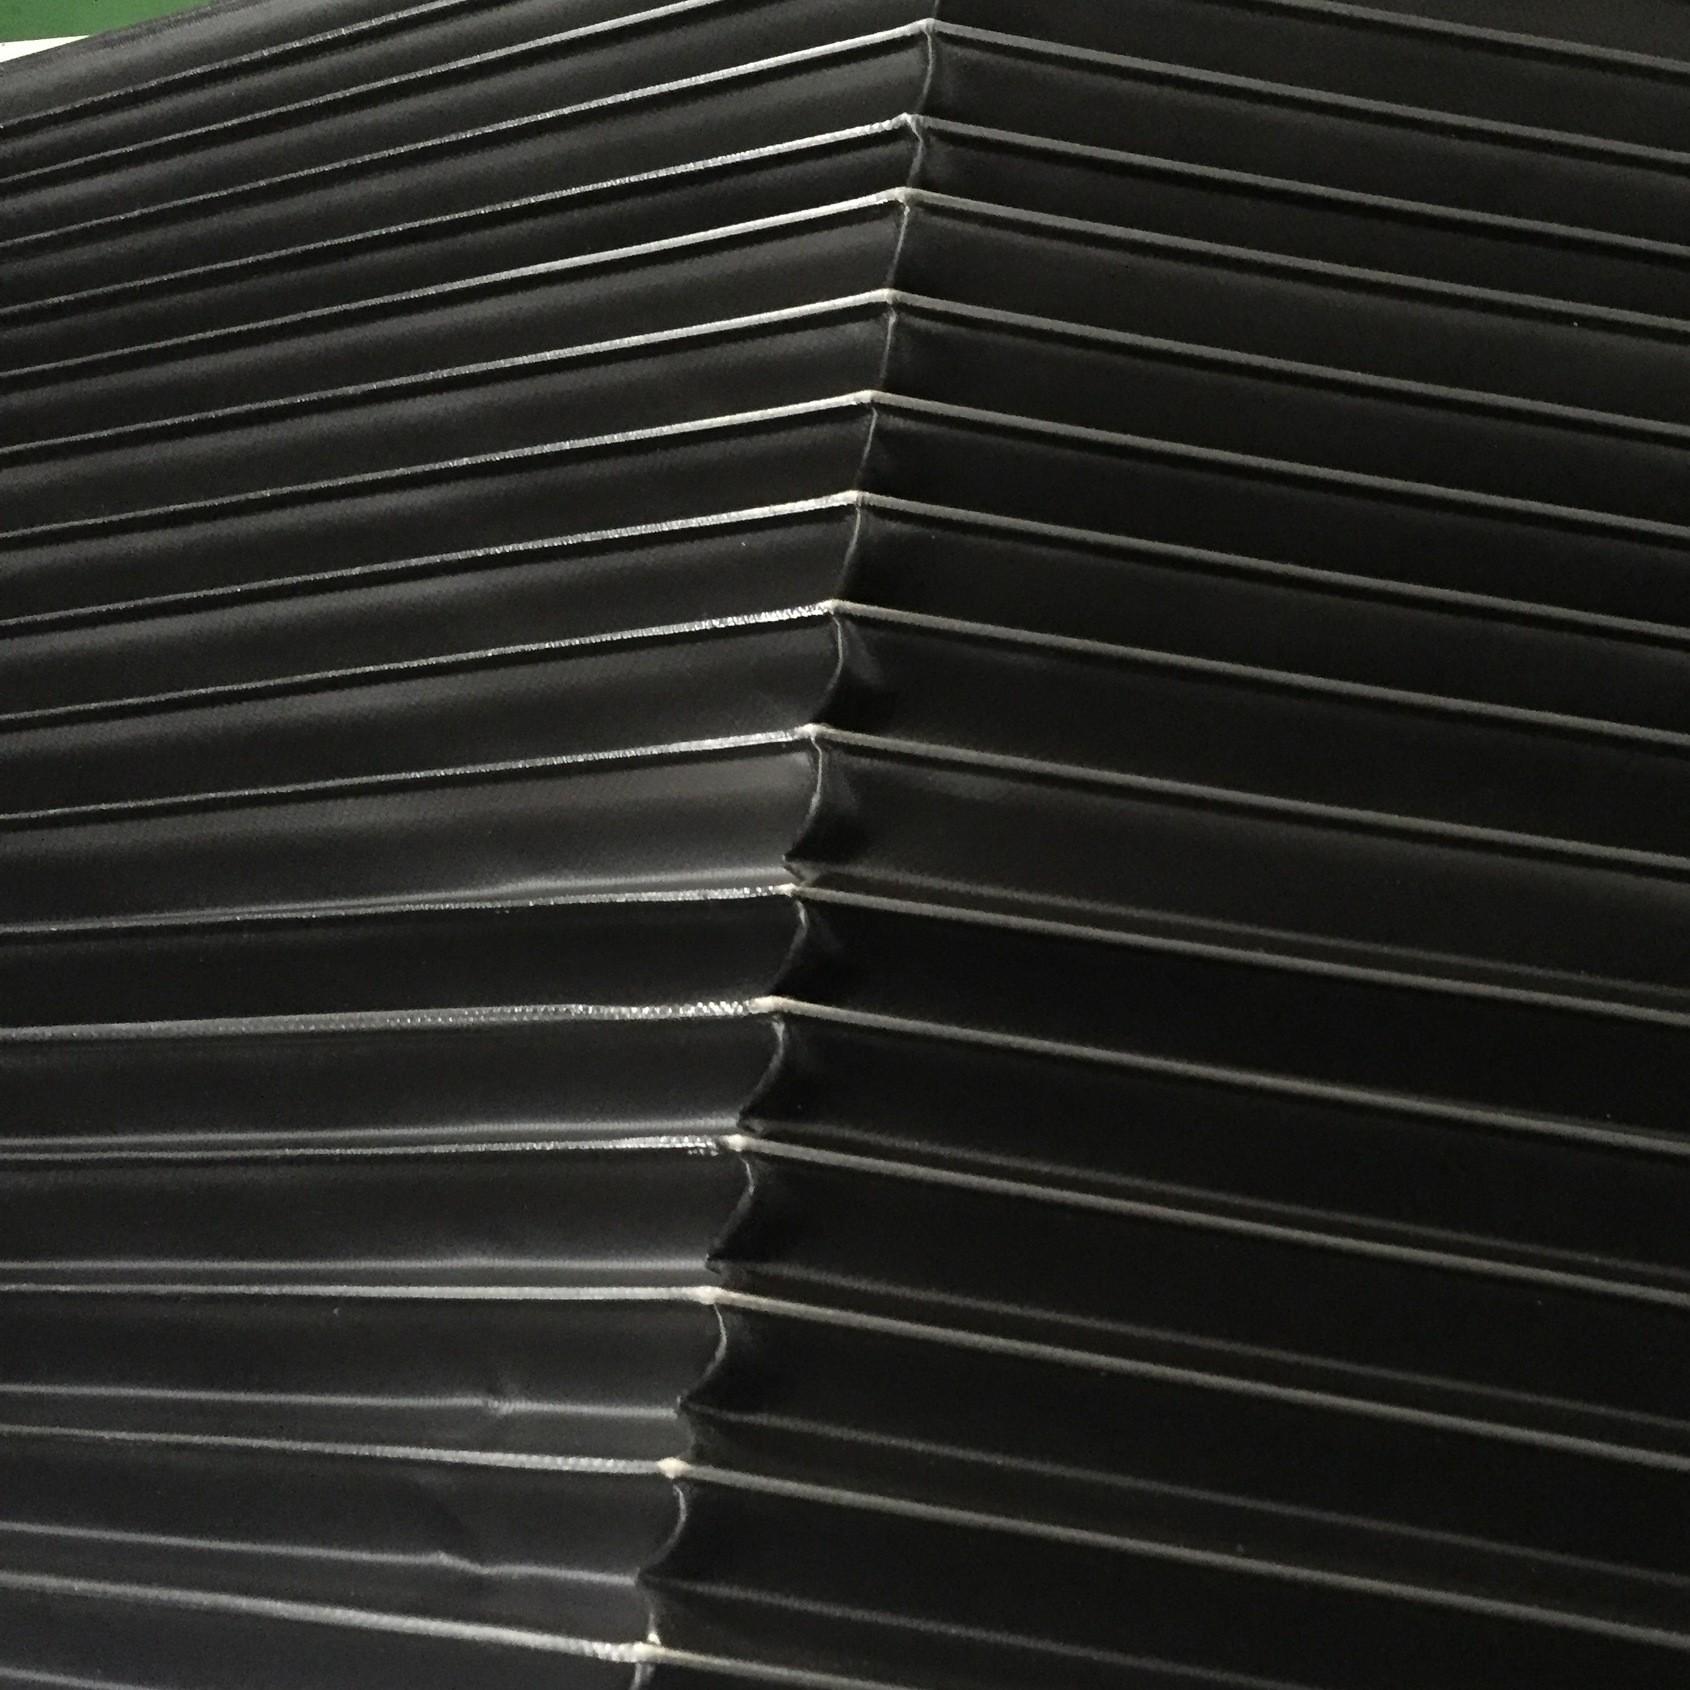 厂家订制风琴式防护罩 数控机床导轨伸缩式风琴式防尘罩 保护罩